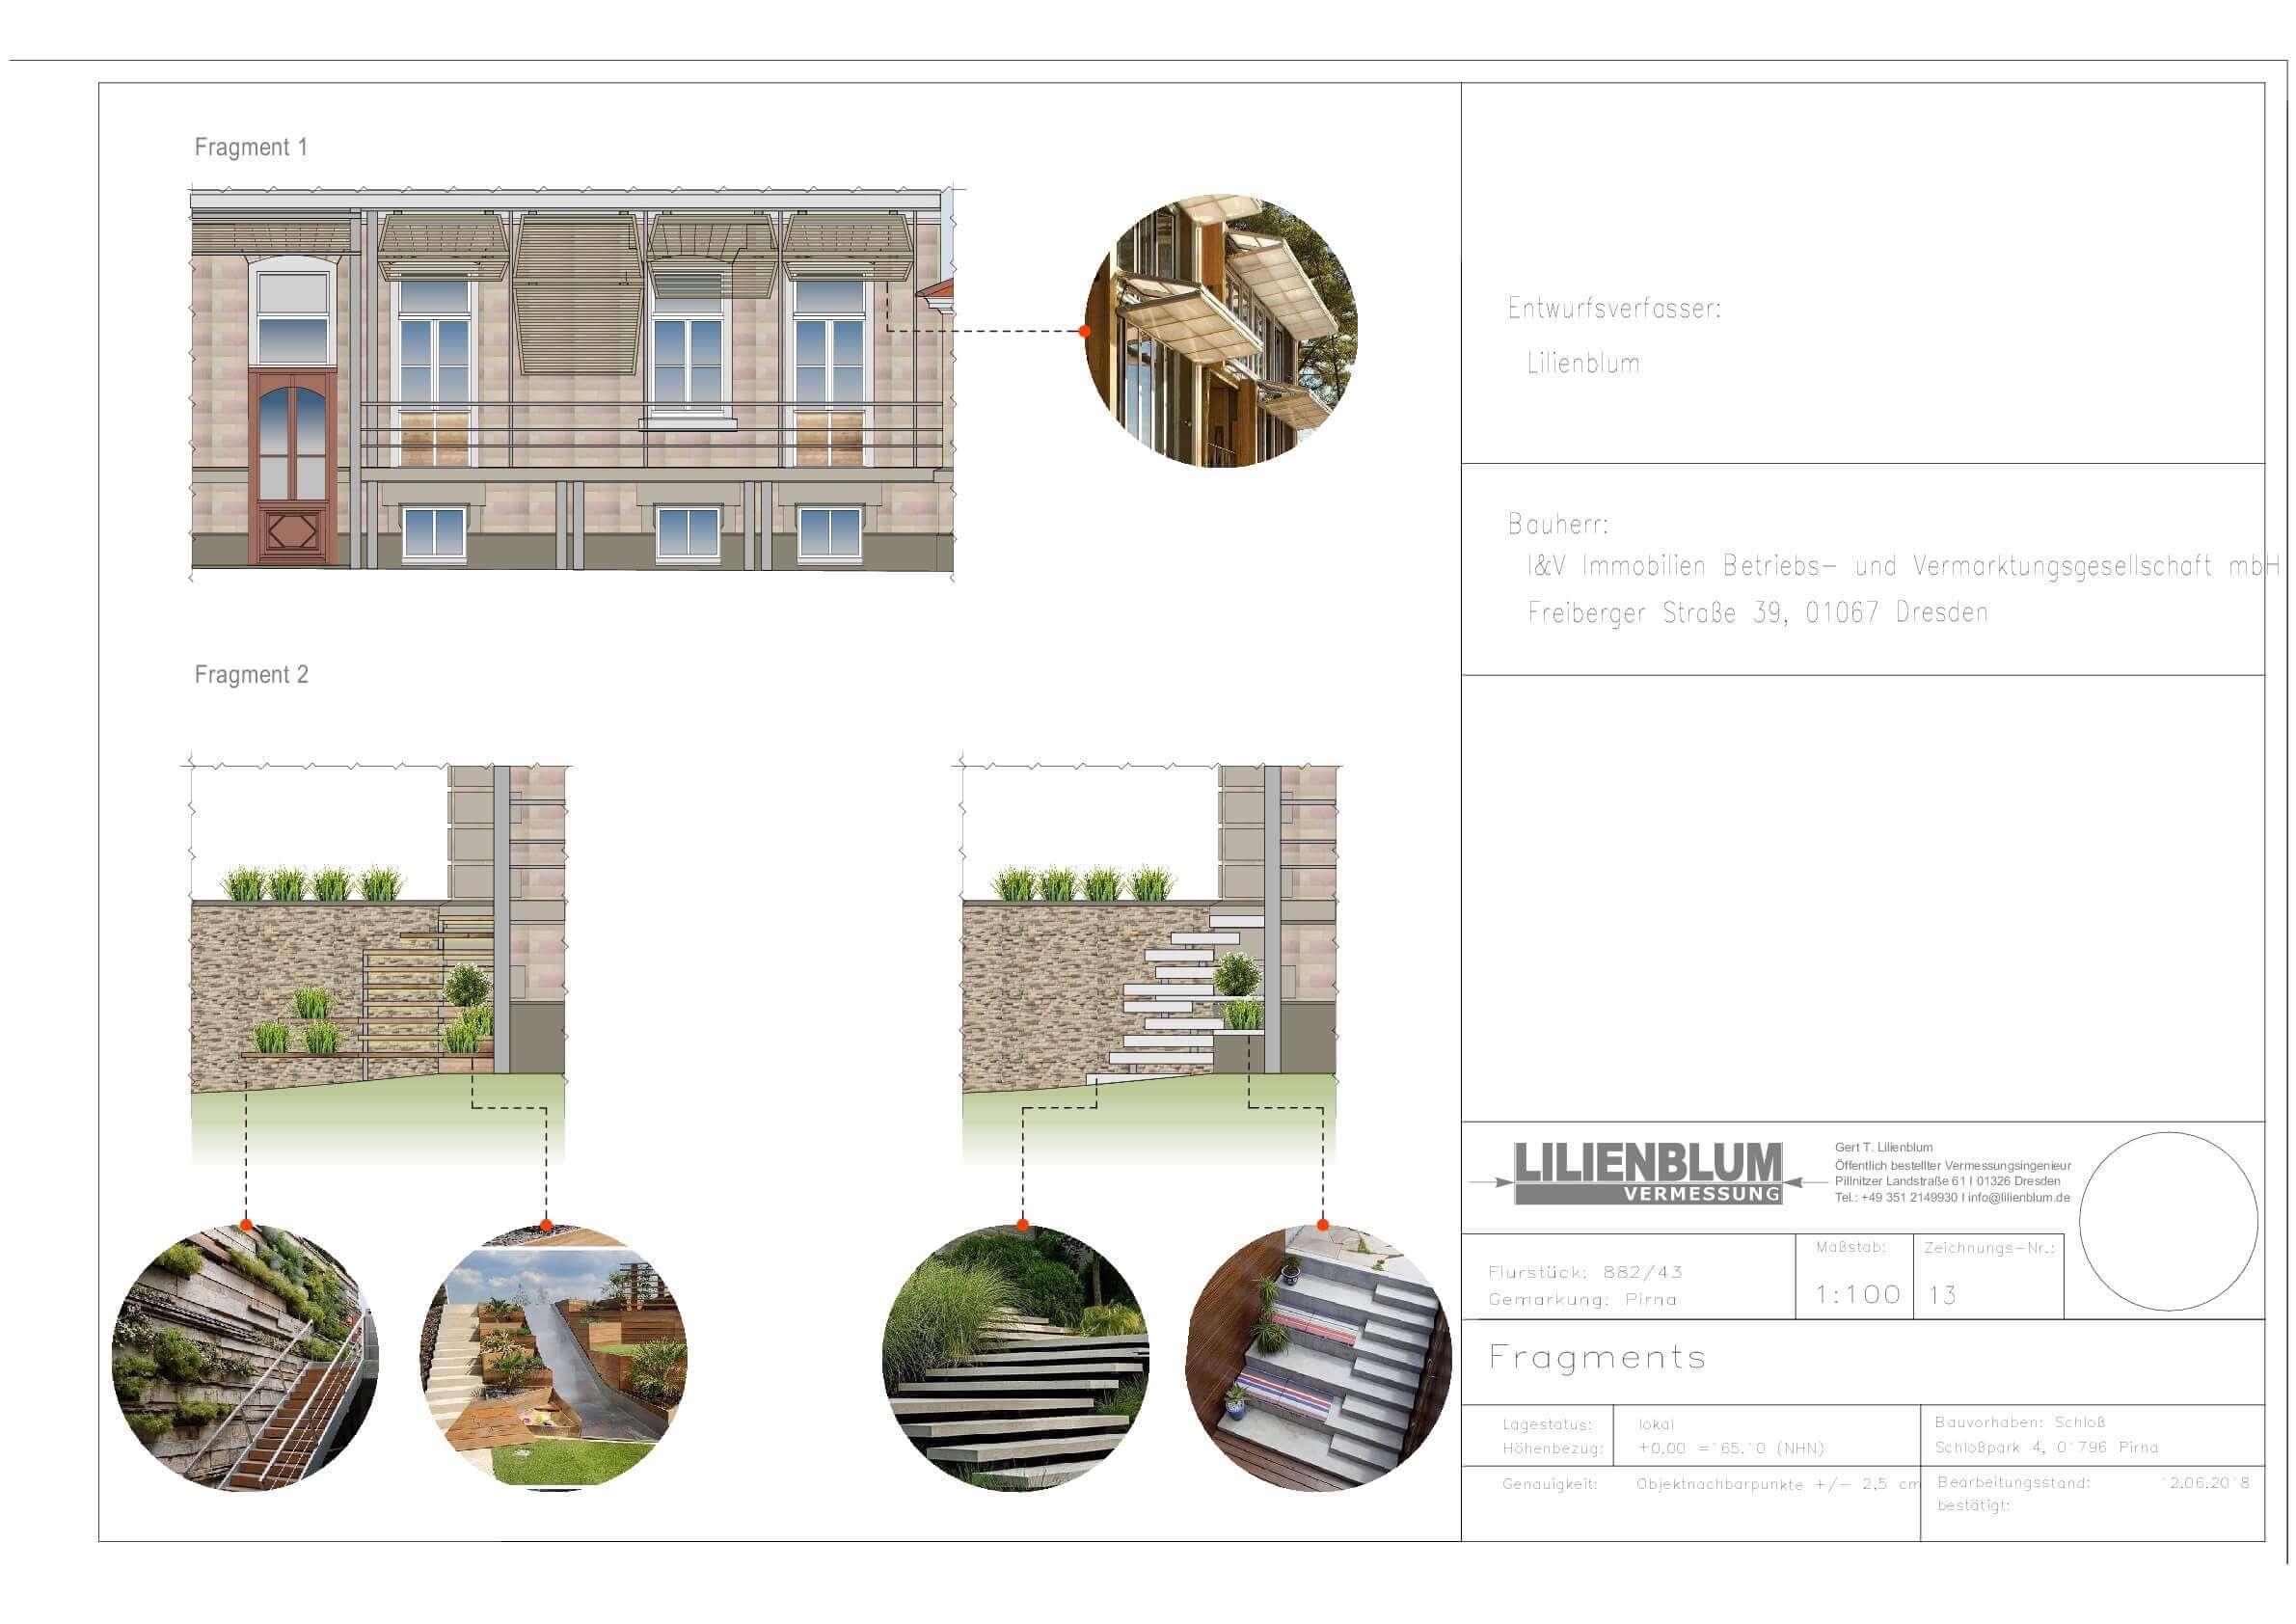 реконструкция здания г. Пирна